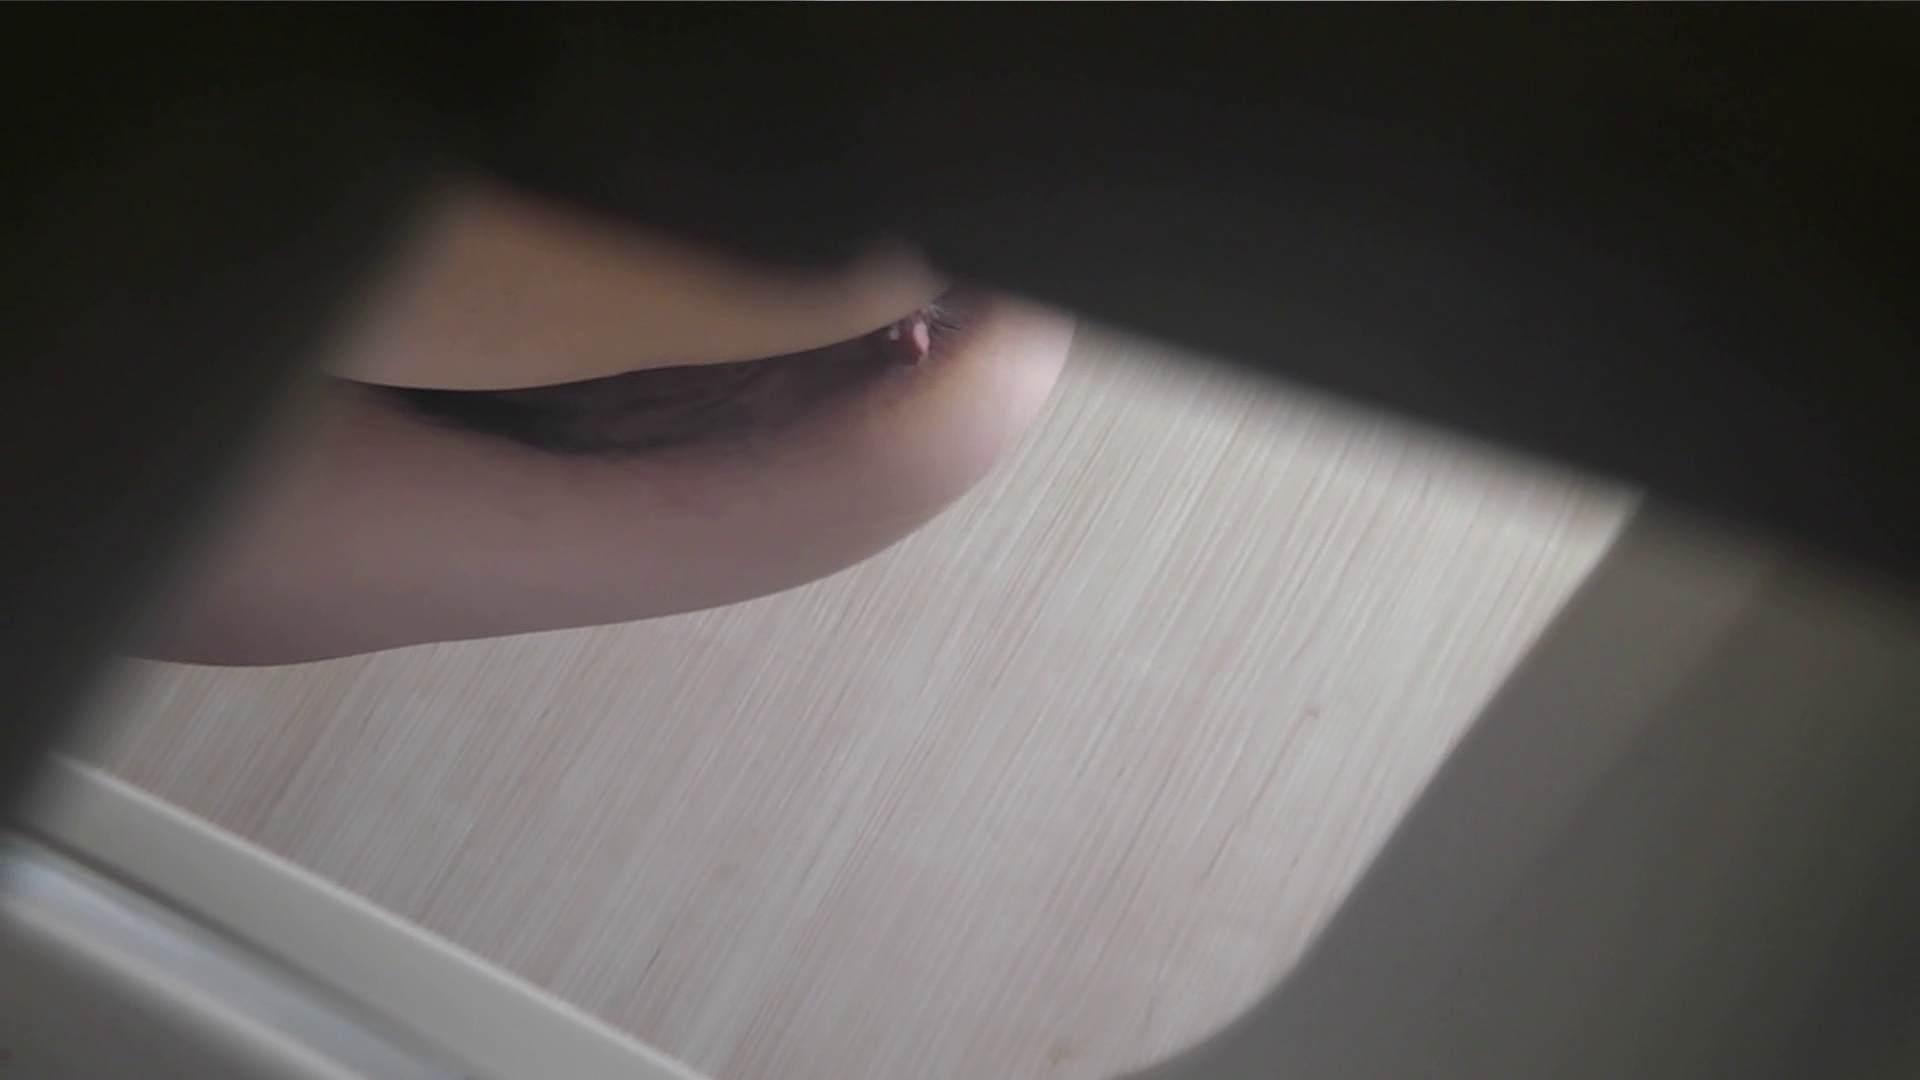 阿国ちゃんの「和式洋式七変化」No.18 iBO(フタコブ) 丸見え セックス無修正動画無料 105枚 14